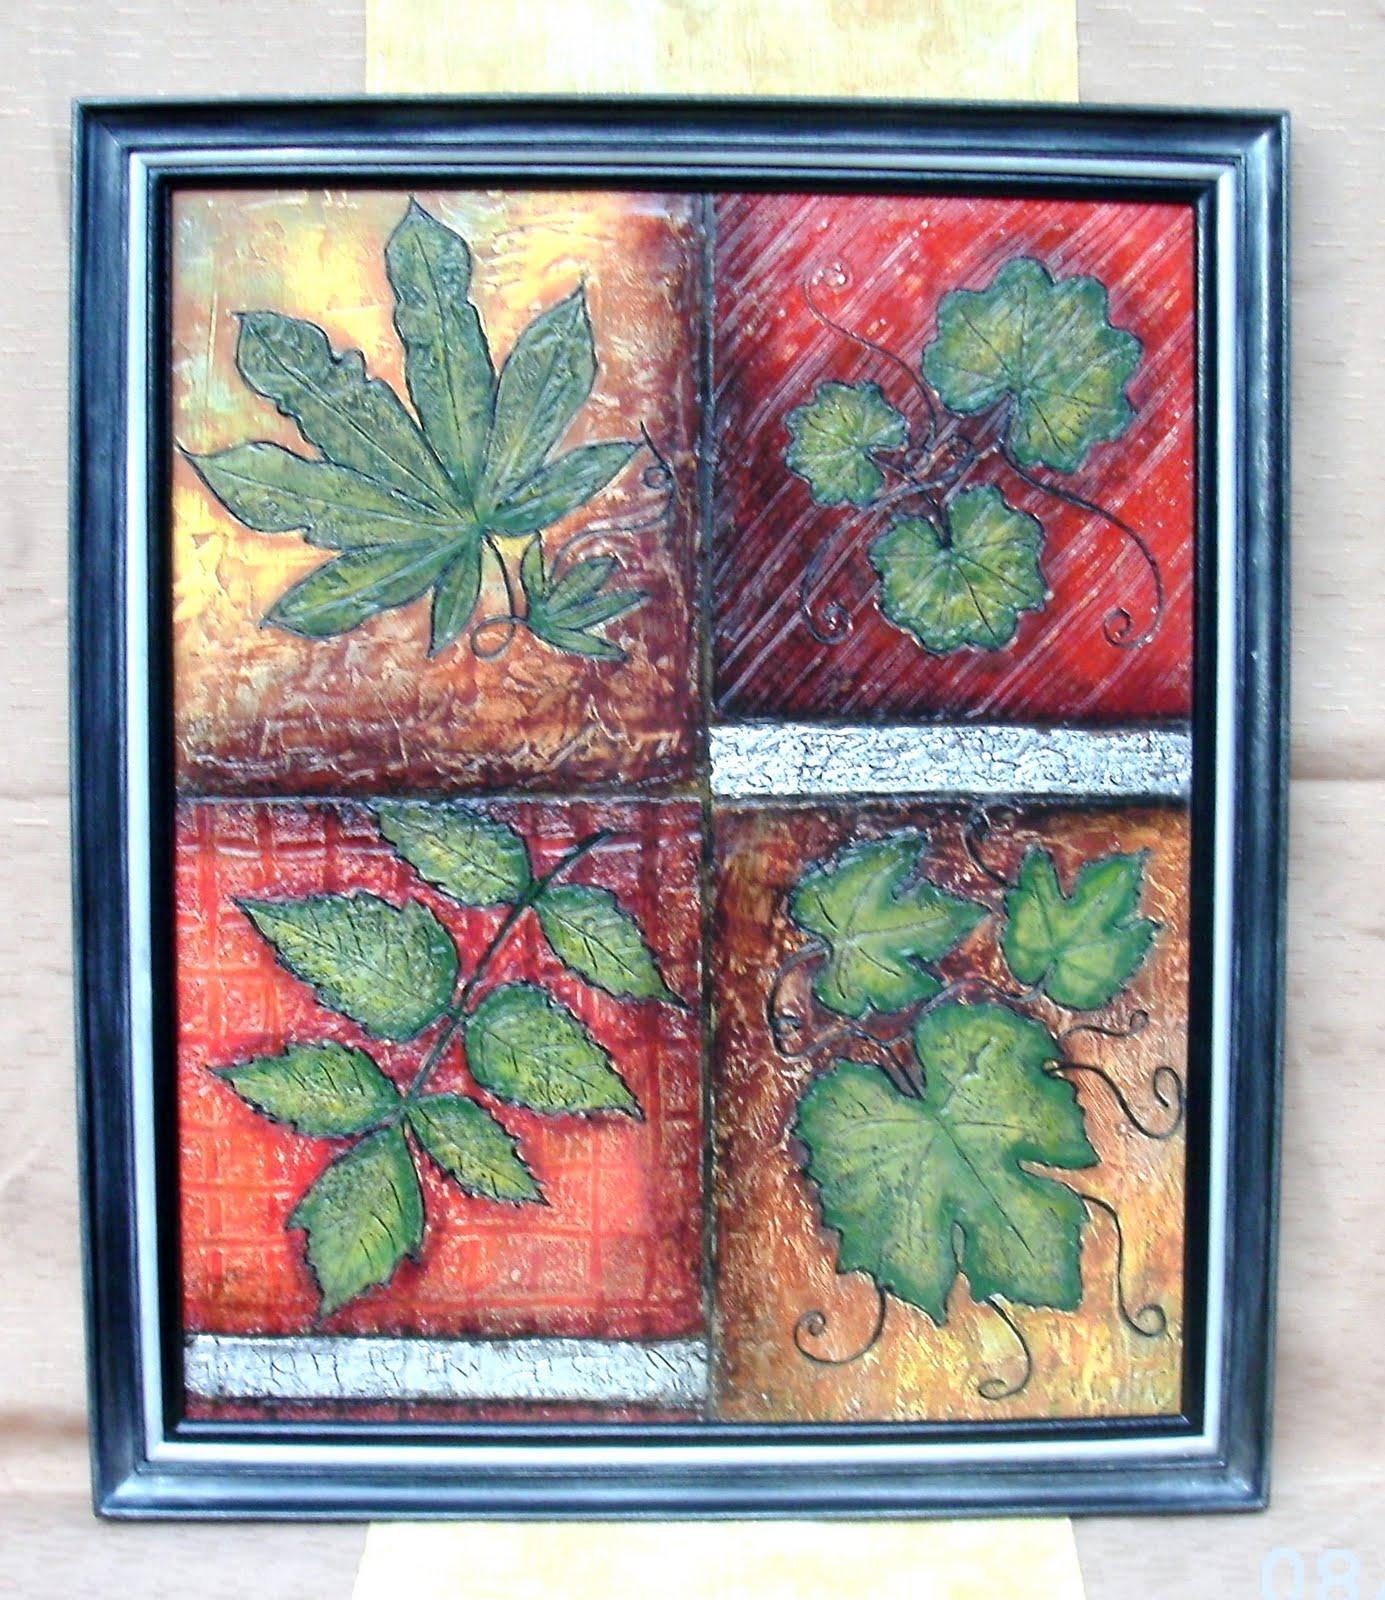 Almas en el viento, marcos artesanales para cuadros y espejos.